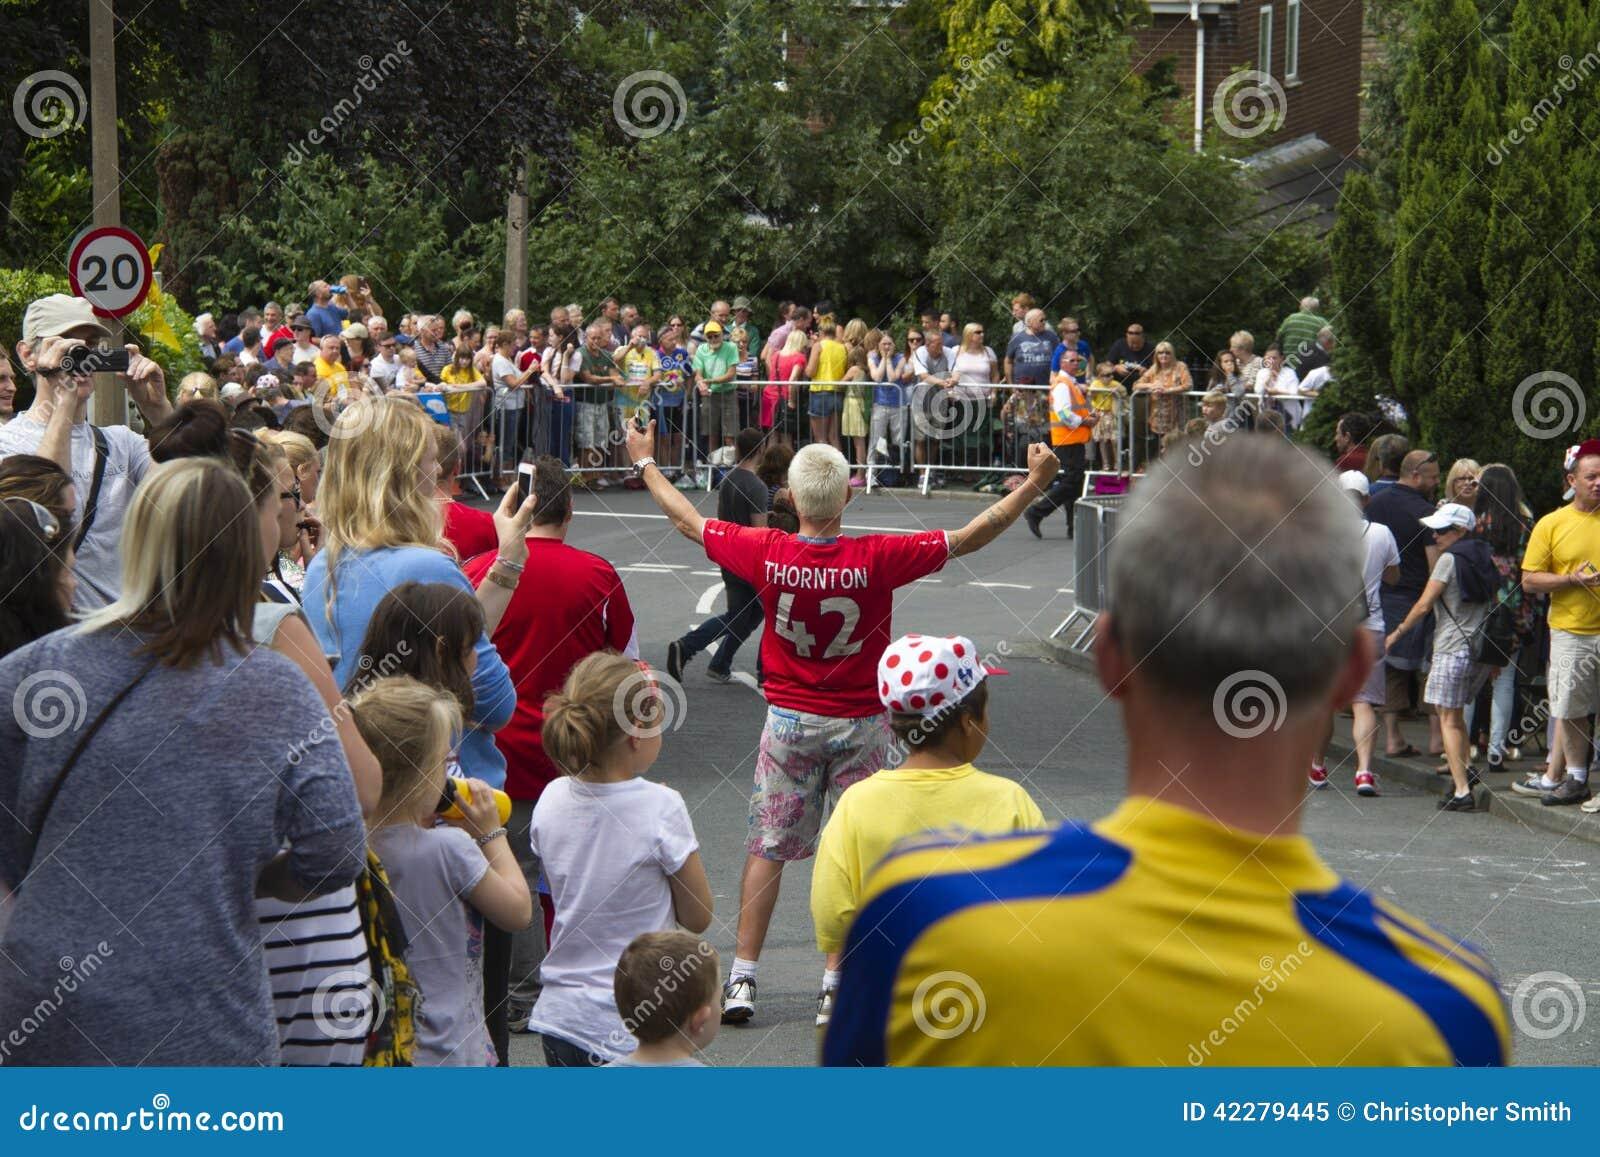 Greetland, England, am 6. Juli: Menge von den Leuten, die für die CY wainting sind